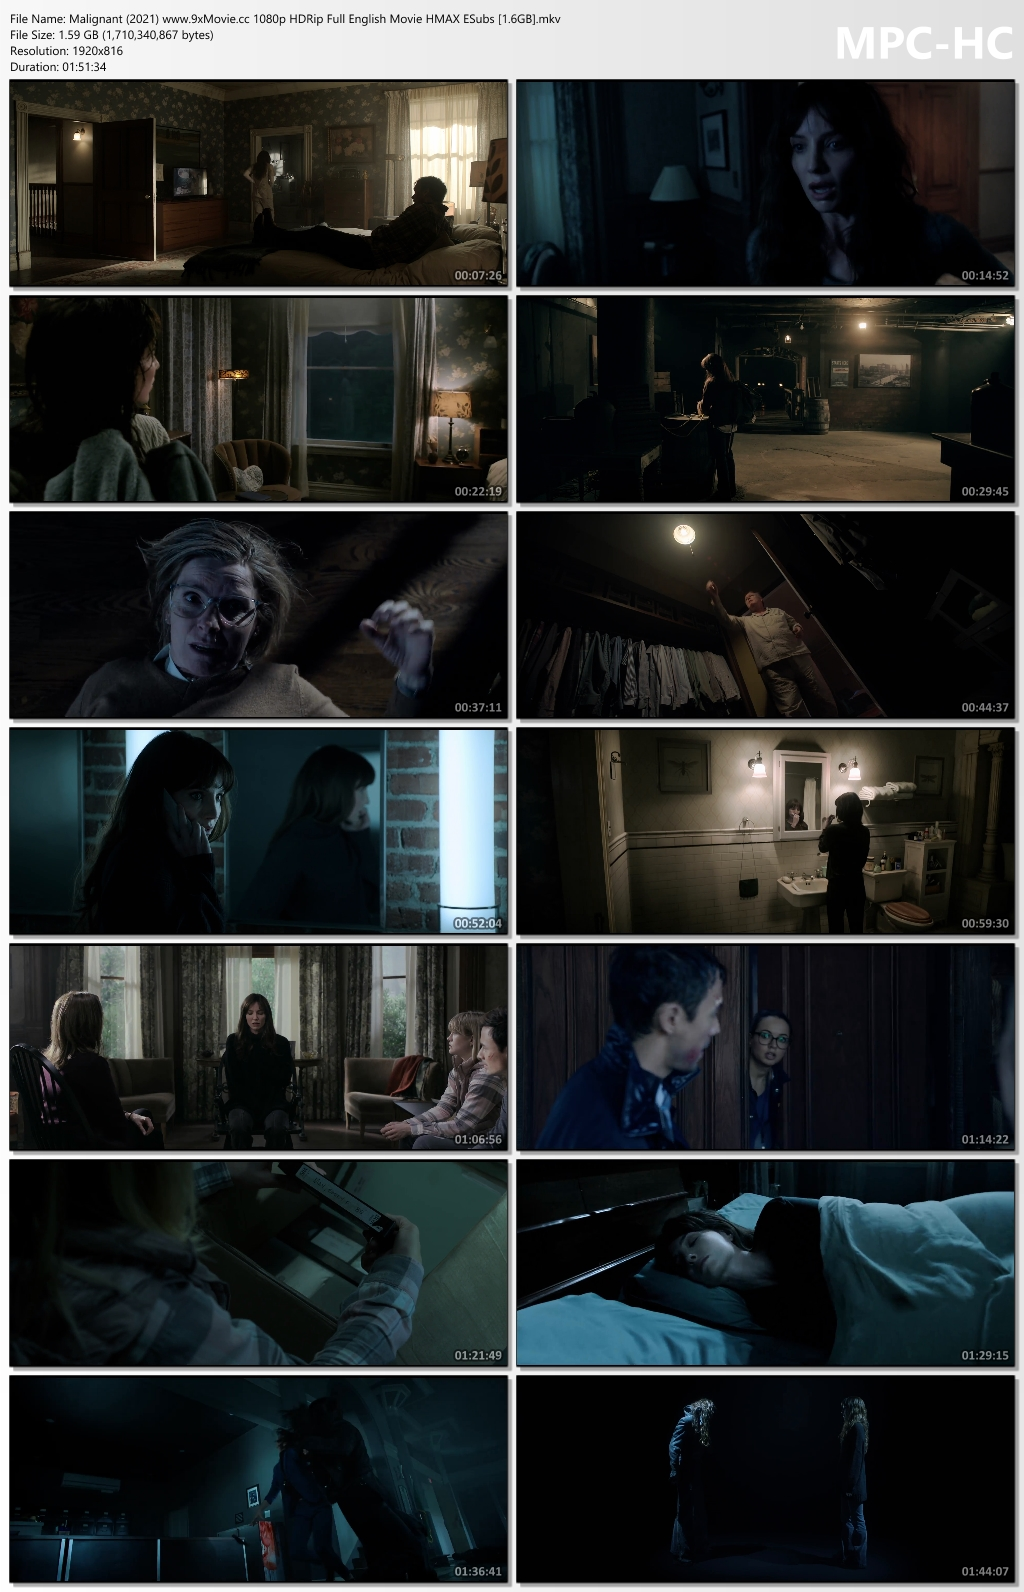 Malignant-2021-www-9x-Movie-cc-1080p-HDRip-Full-English-Movie-HMAX-ESubs-1-6-GB-mkv